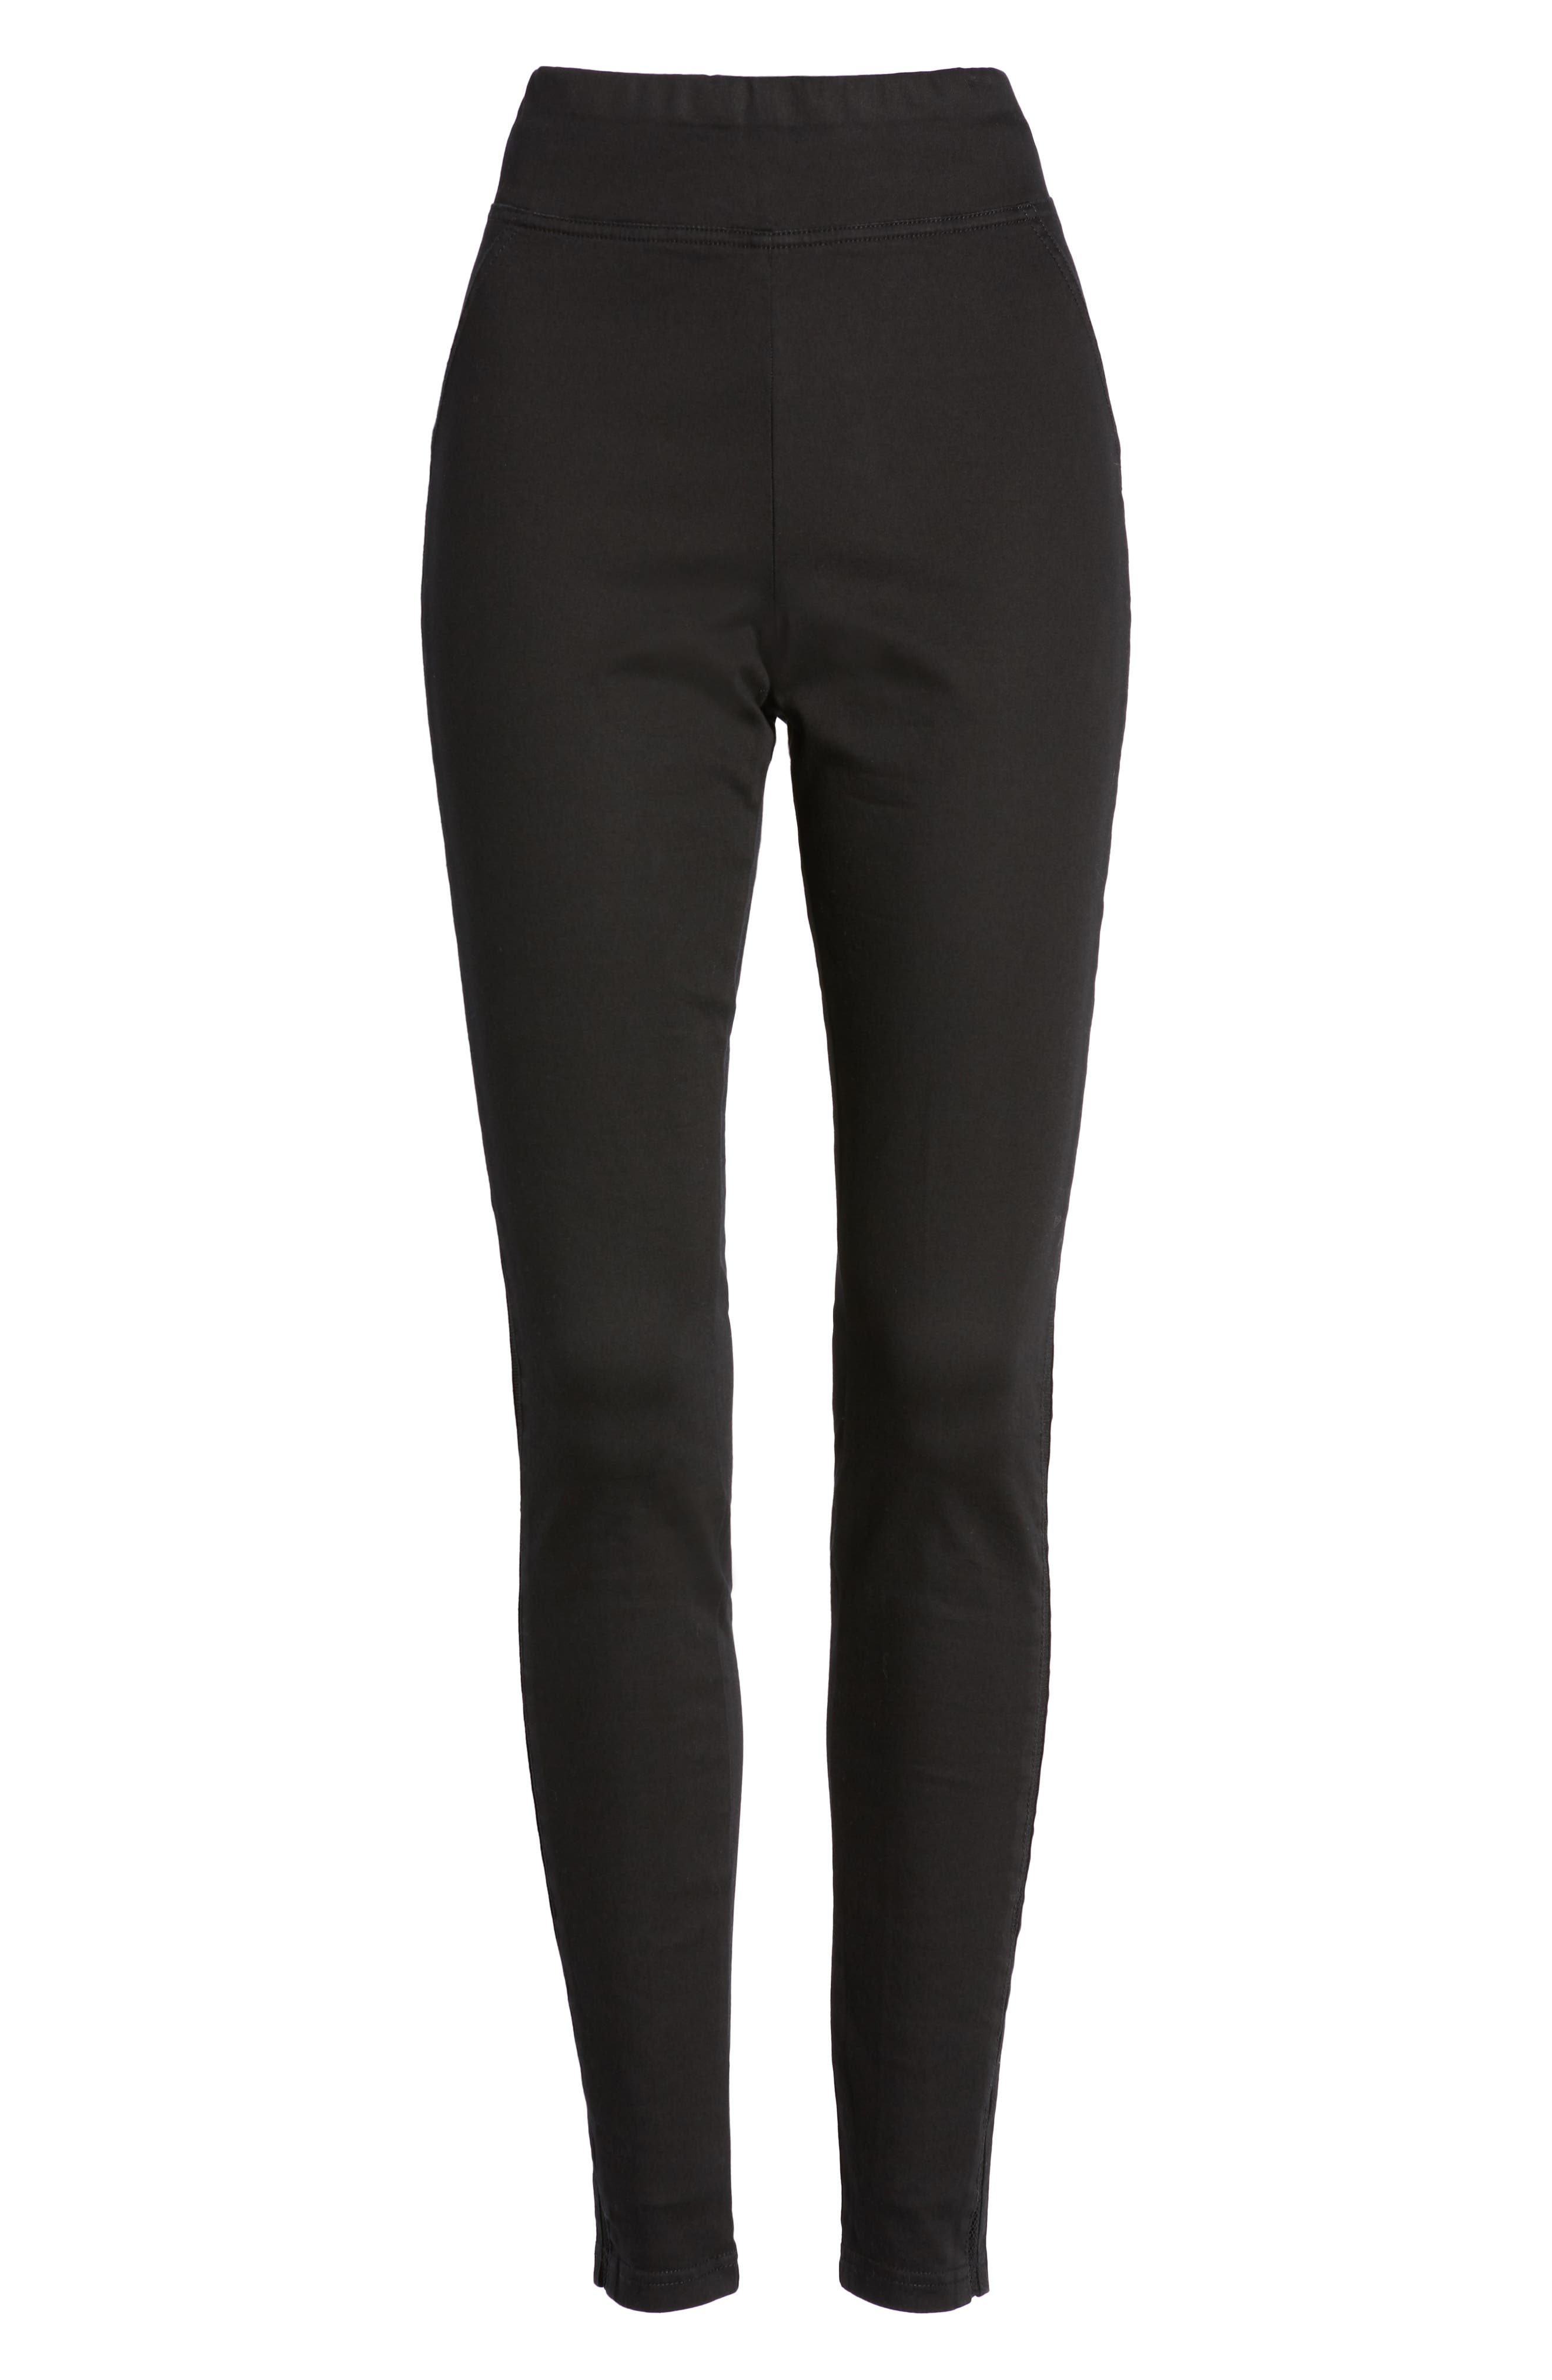 HUE,                             High Waist Mesh Tuxedo Stripe Denim Leggings,                             Alternate thumbnail 7, color,                             BLACK